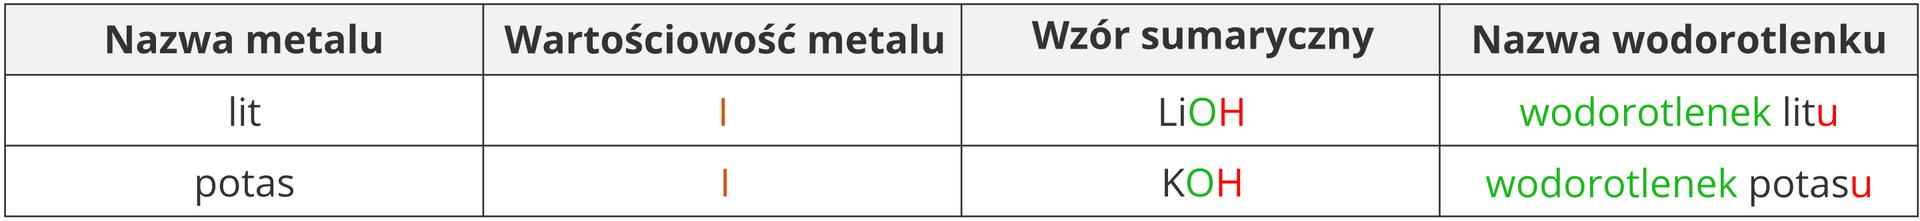 Tabela zprzykładowym nazewnictwem wodorotlenków powstałych zmetali owartościowości jeden. Przedstawiono tutaj, wraz znazwami zapisanymi słownie wodorotlenek litu owzorze LiOH wraz wodorotlenek potasu owzorze KOH. Słowo wodorotlenek oraz litery una końcach wyrazów litu ipotasu wyróżniono kolorem.